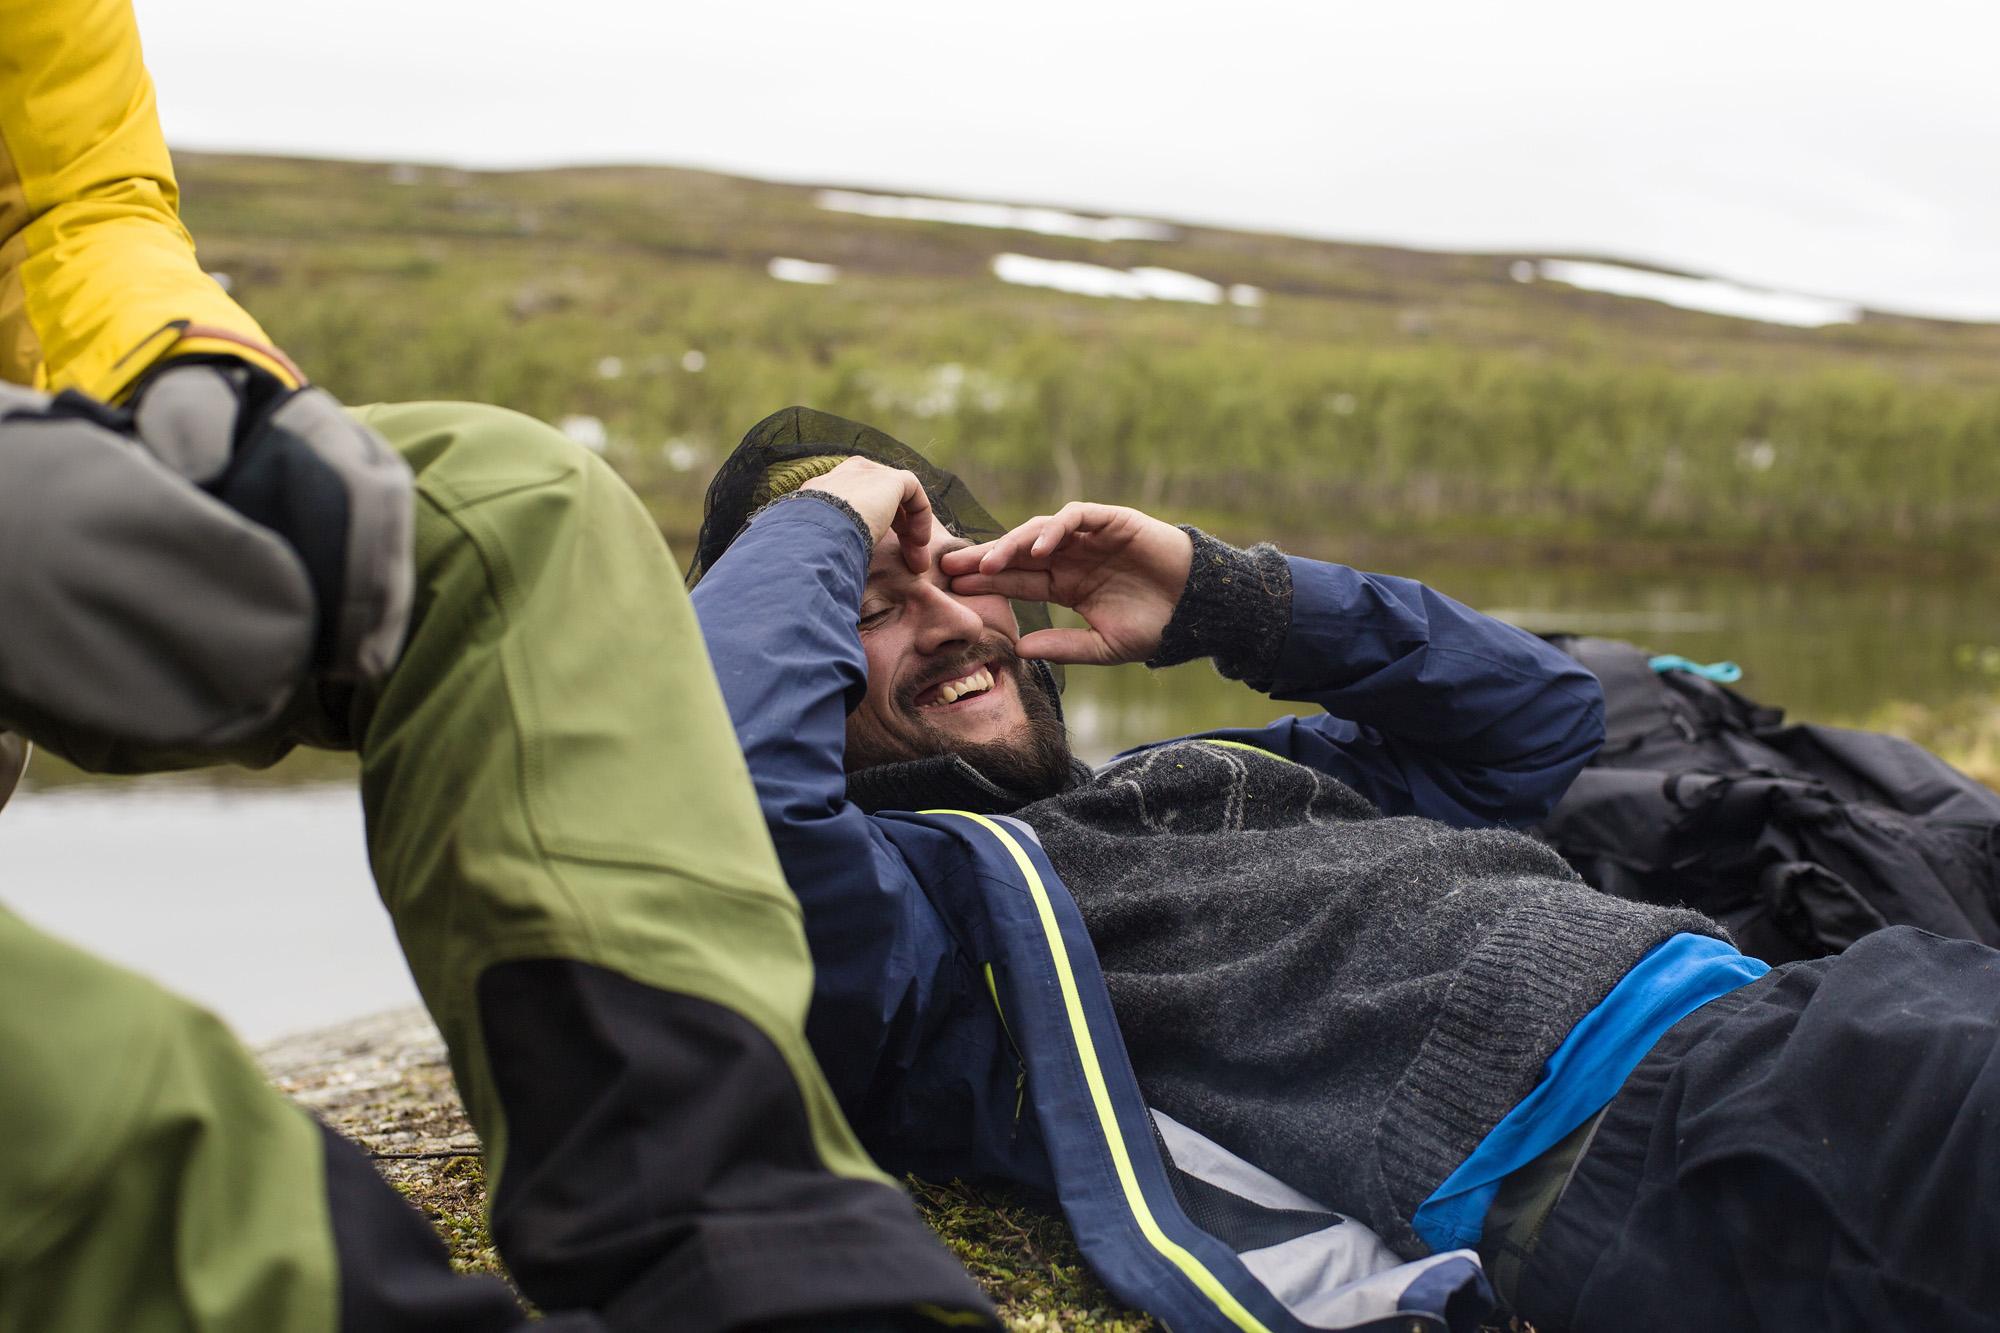 Latter og læring. Foto: Åsmund Indrebø Næs